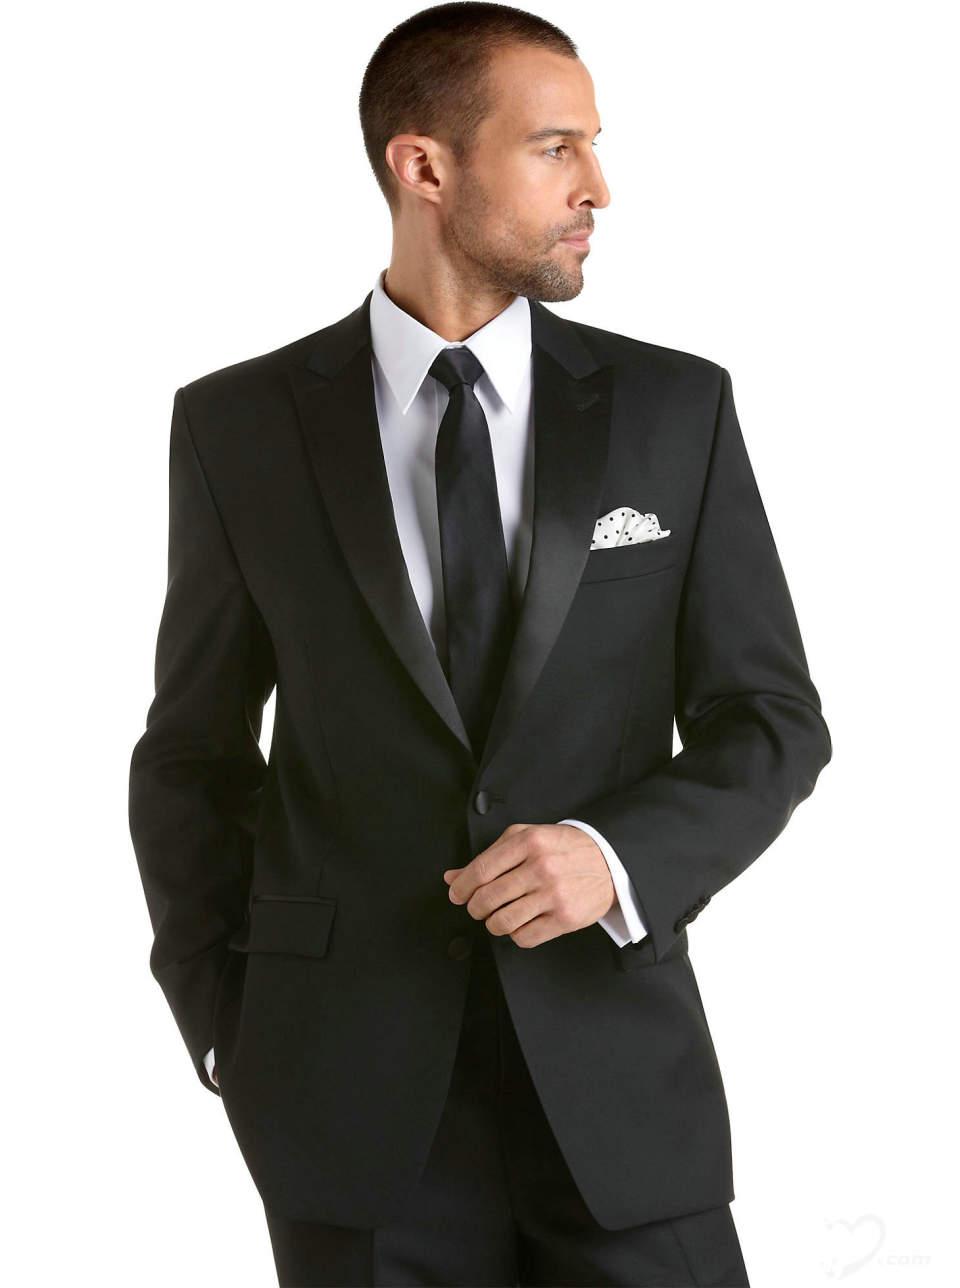 あなたのスーツ似合ってますか?体型別スーツの着こなし方のポイント 2番目の画像